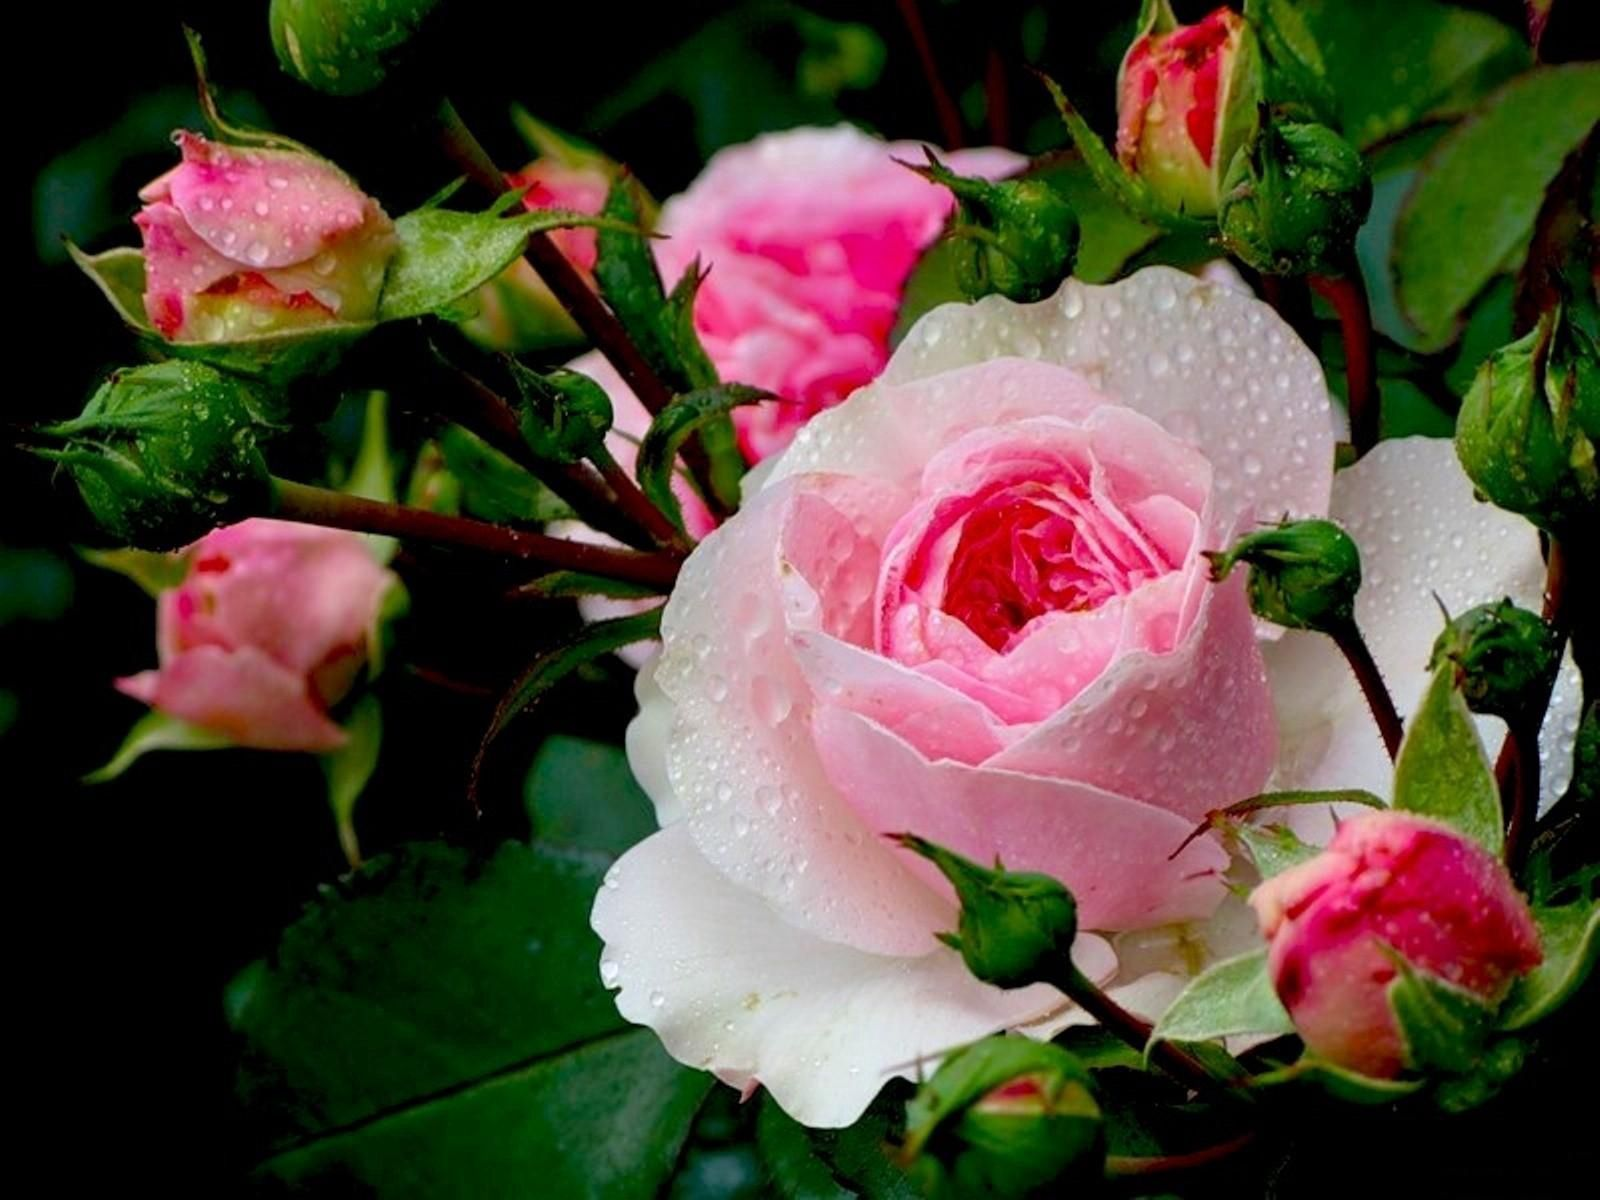 145792 скачать обои Цветы, Бутоны, Крупный План, Капли, Свежесть, Розы - заставки и картинки бесплатно